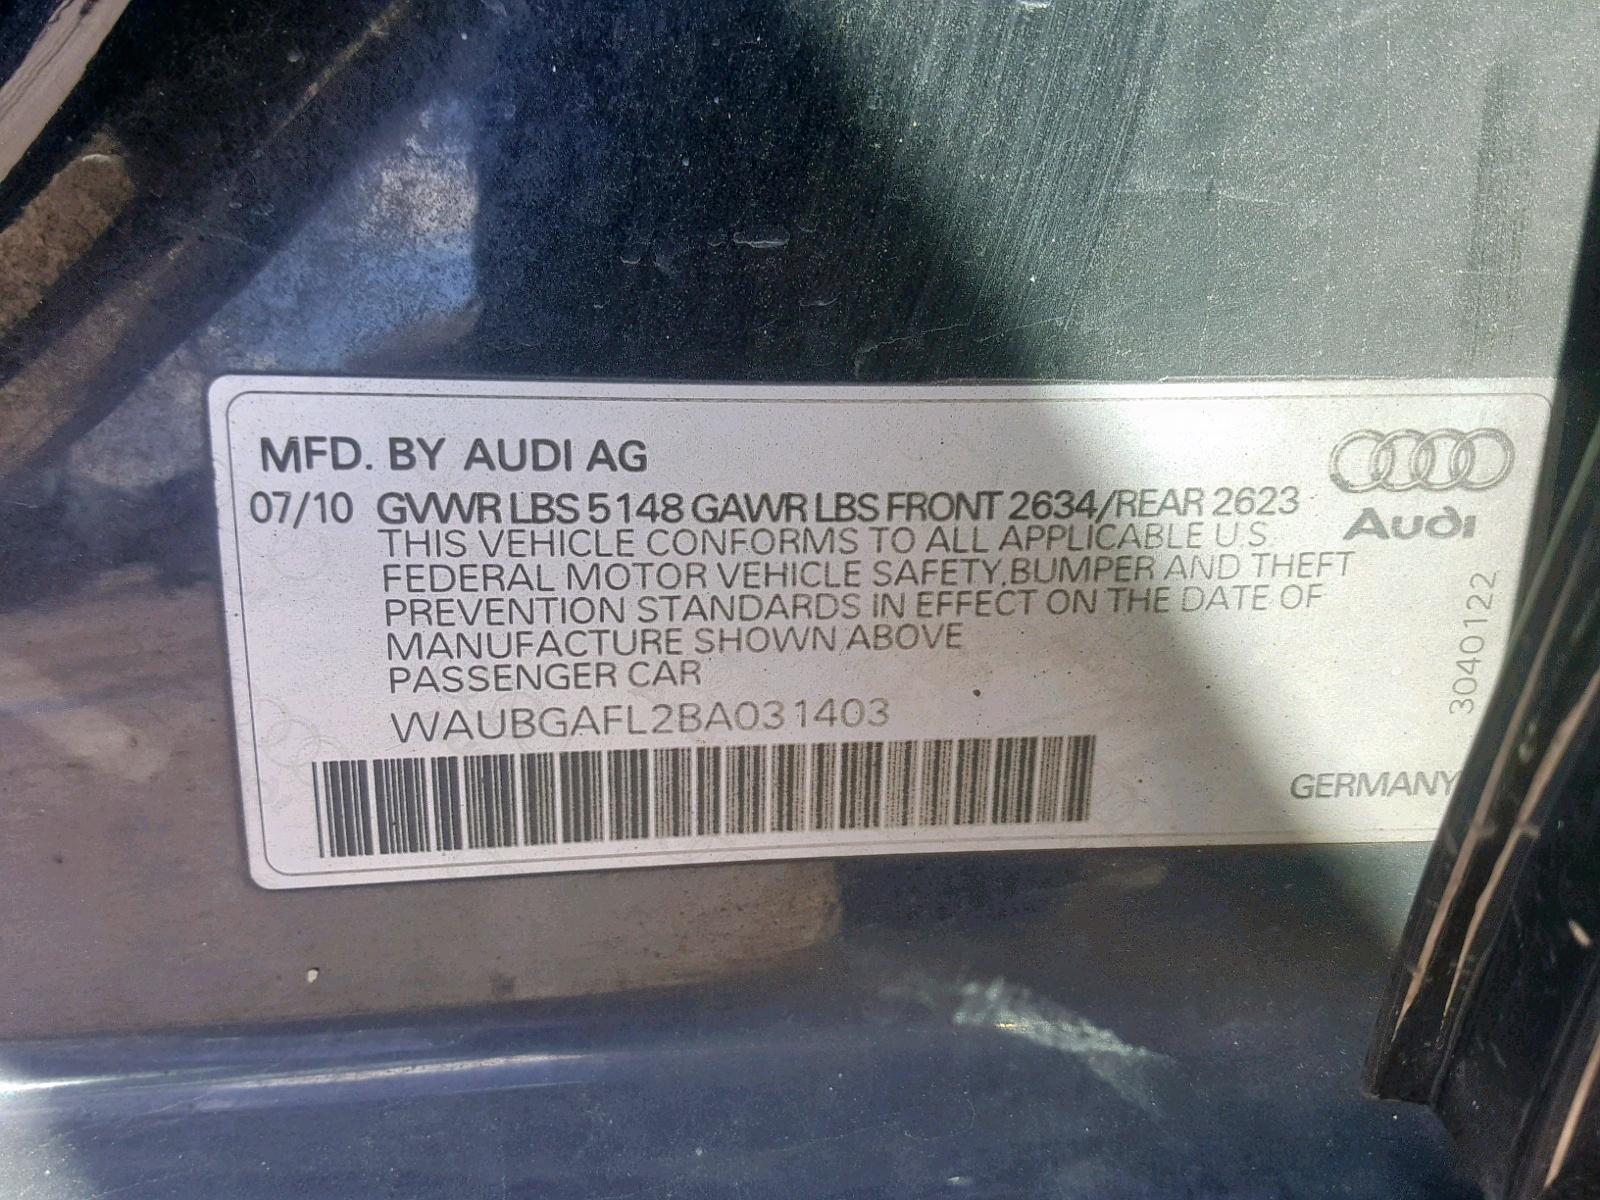 WAUBGAFL2BA031403 - 2011 Audi S4 Premium 3.0L